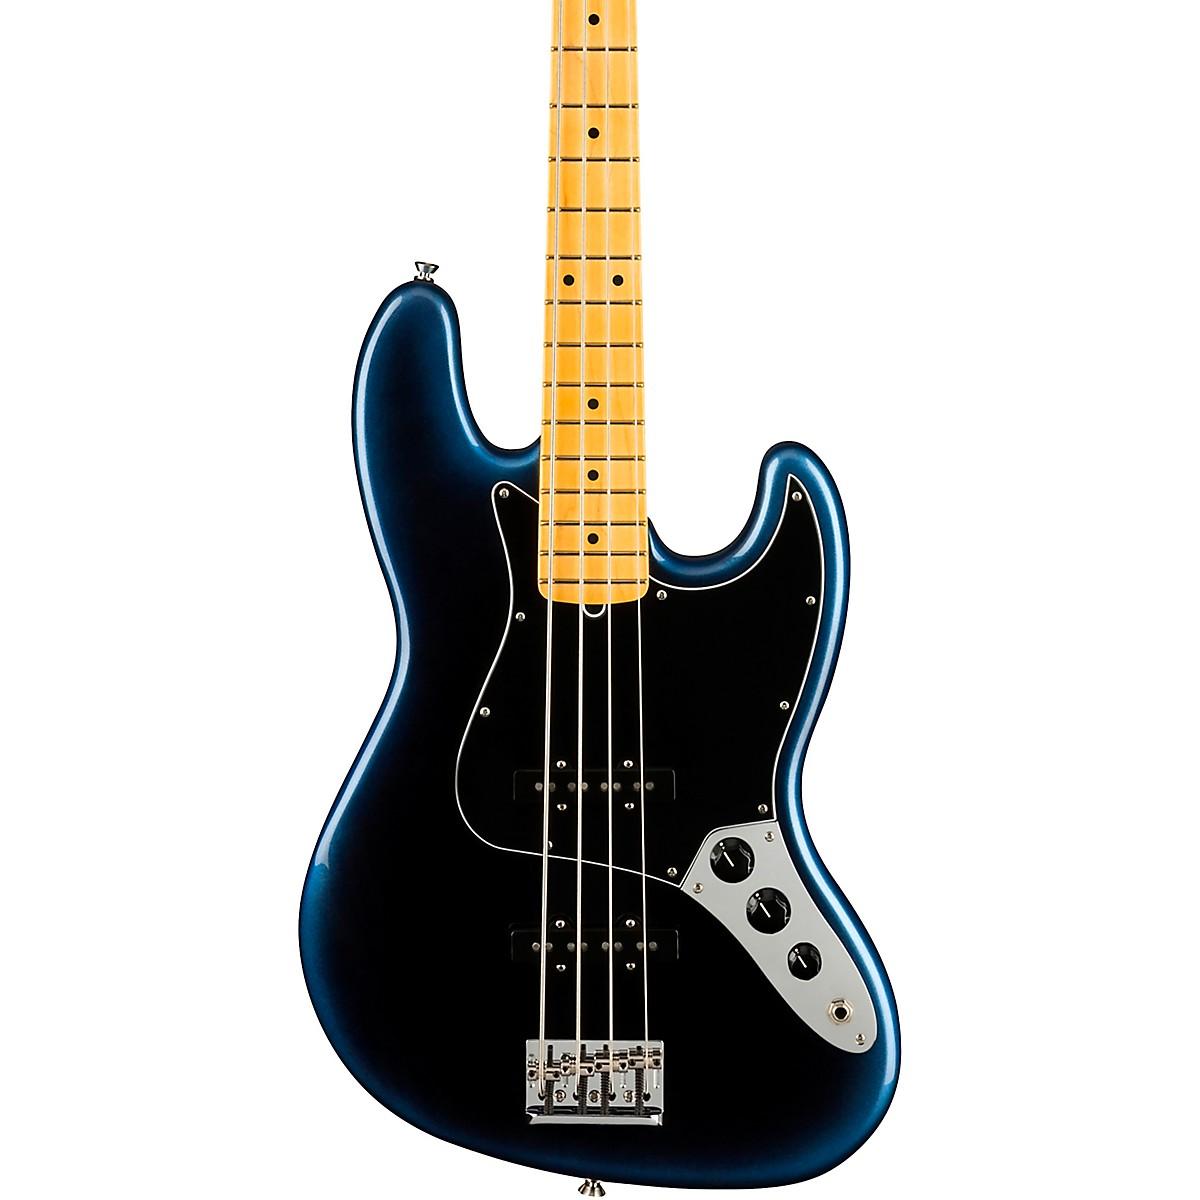 Fender American Professional II Jazz Bass Maple Fingerboard